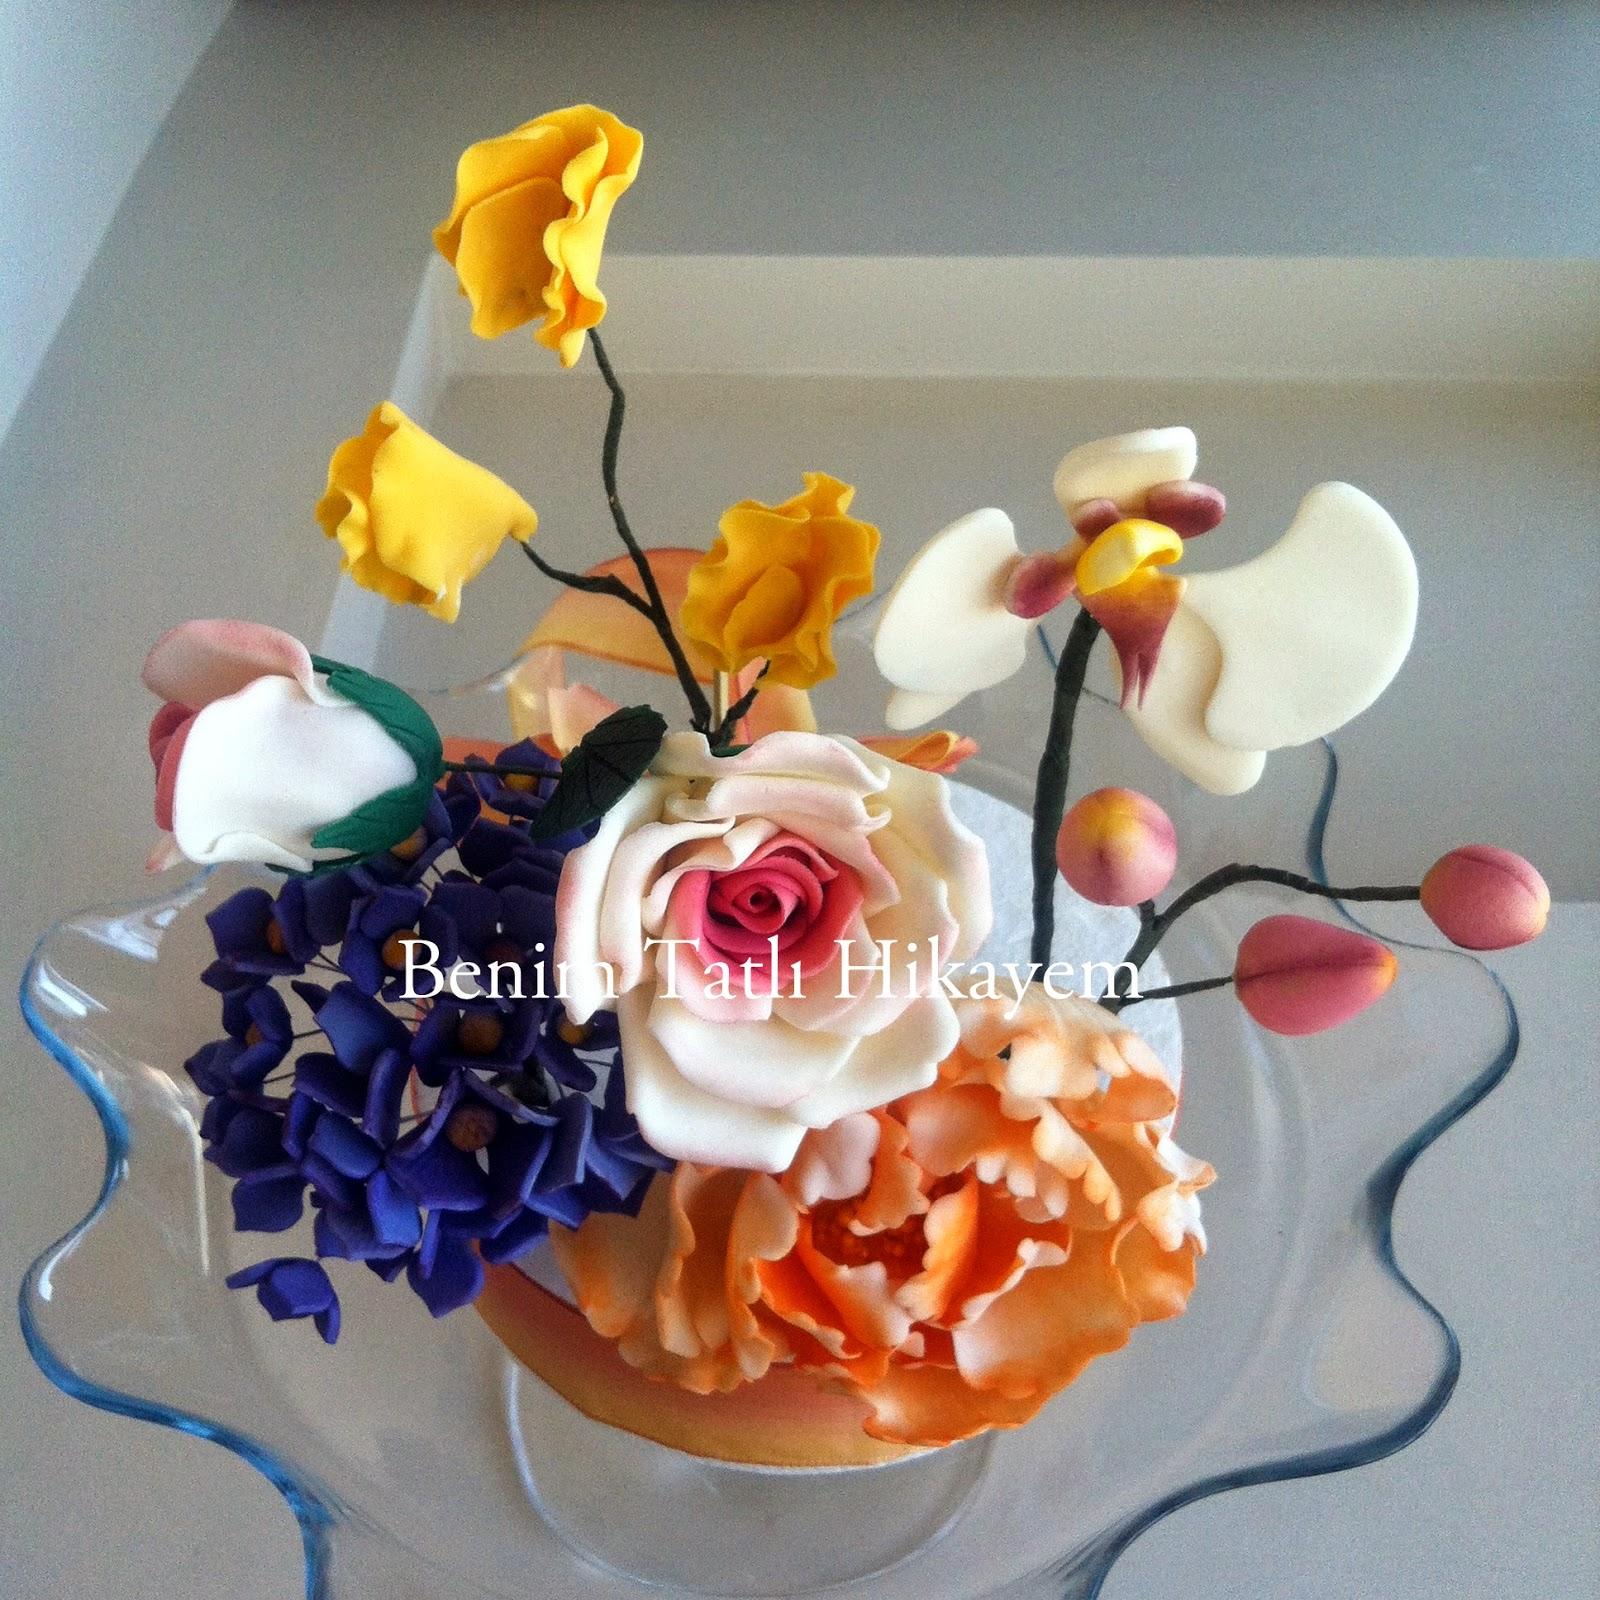 pastry chef, şekerden çiçekler